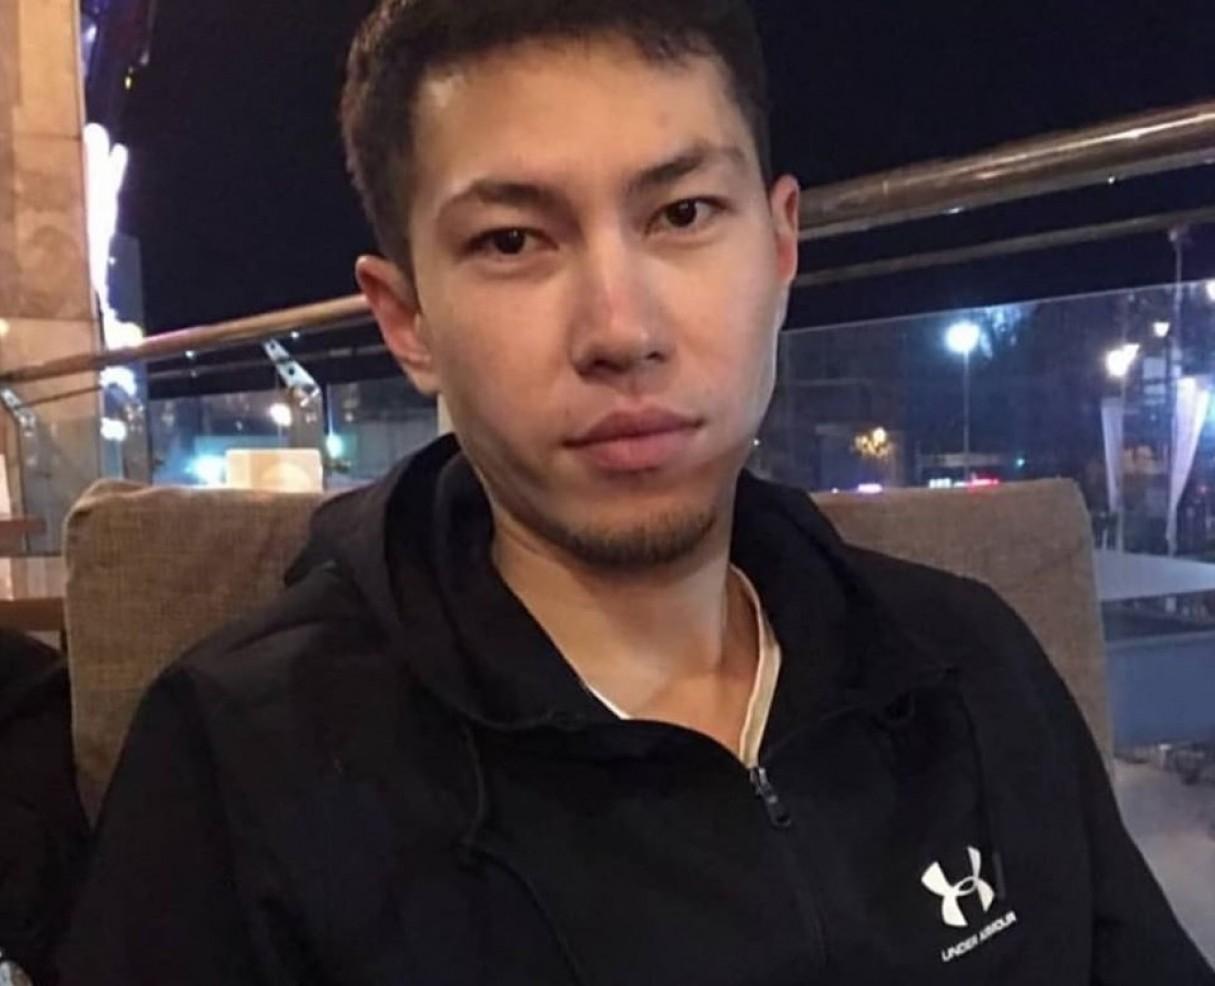 Авиакатастрофа в Алматы: при падении самолета парень заслонил своим телом беременную женщину